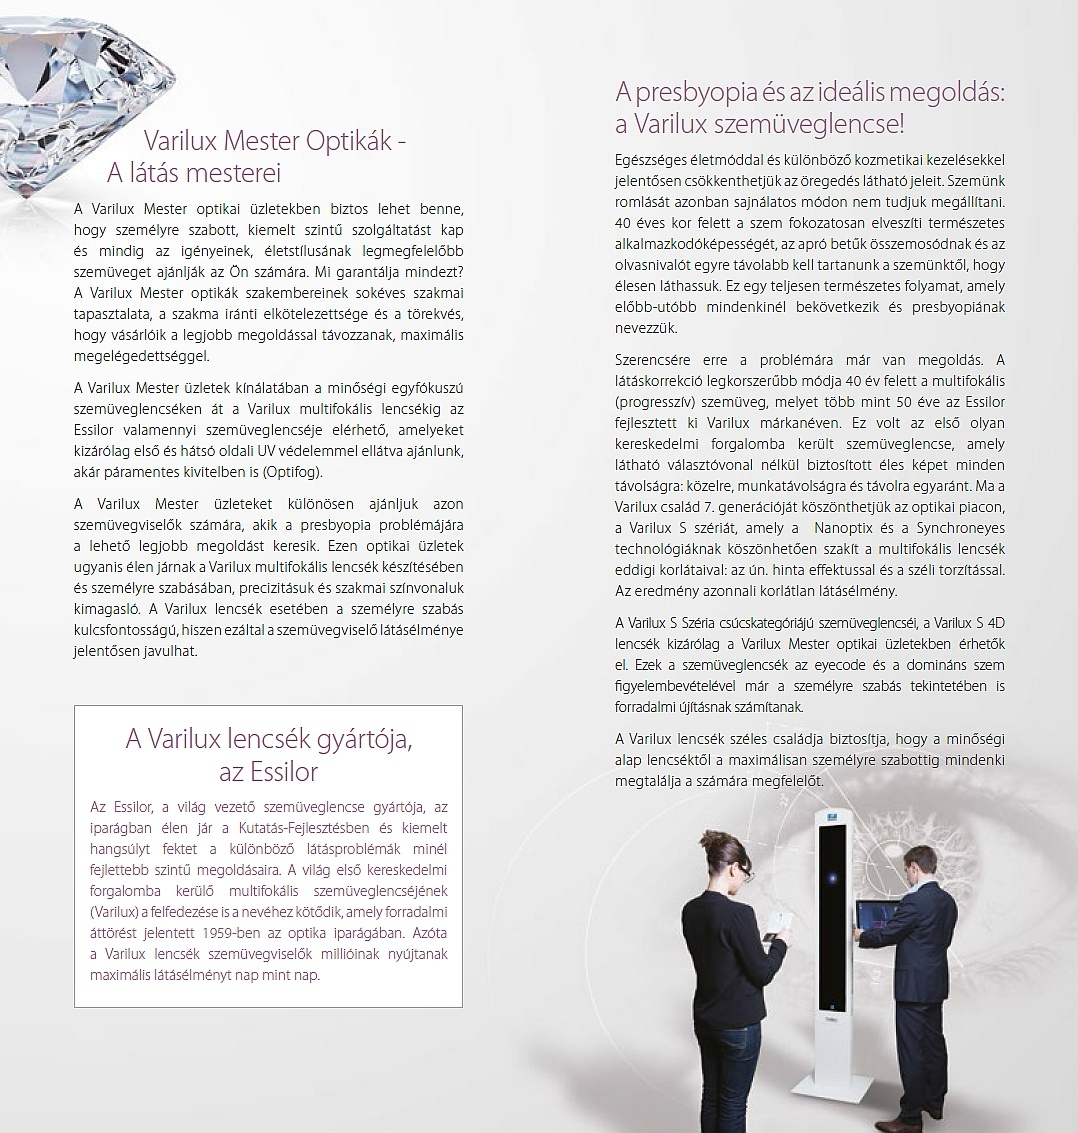 Varilux Mester Optikák - A látás mesterei A Varilux Mester optikai üzletekben biztos lehet benne, hogy személyre szabott, kiemelt szintű szolgáltatást kap és mindig az igényeinek, életstílusának legmegfelelőbb szemüveget ajánlják az Ön számára. Mi garantálja mindezt? A Varilux Mester optikák szakembereinek sokéves szakmai tapasztalata, a szakma iránti elkötelezettsége és a törekvés, hogy vásárlóik a legjobb megoldással távozzanak, maximális megelégedettséggel. A Varilux Mester üzletek kínálatában a minőségi egyfókuszú szemüveglencséken át a Varilux multifokális lencsékig az Essilor valamennyi szemüveglencséje elérhető, amelyeket kizárólag első és hátsó oldali UV védelemmel ellátva ajánlunk, akár páramentes kivitelben is (Optifog). A Varilux Mester üzleteket különösen ajánljuk azon szemüvegviselők számára, akik a presbyopia problémájára a lehető legjobb megoldást keresik. Ezen optikai üzletek ugyanis élen járnak a Varilux multifokális lencsék készítésében és személyre szabásában, precizitásuk és szakmai színvonaluk kimagasló. A Varilux lencsék esetében a személyre szabás kulcsfontosságú, hiszen ezáltal a szemüvegviselő látásélménye jelentősen javulhat. A Varilux lencsék gyártója, az Essilor Az Essilor, a világ vezető szemüveglencse gyártója, az iparágban élen jár a Kutatás-Fejlesztésben és kiemelt hangsúlyt fektet a különböző látásproblémák minél fejlettebb szintű megoldásaira. A világ első kereskedelmi forgalomba kerülő multifokális szemüveglencséjének (Varilux) a felfedezése is a nevéhez kötődik, amely forradalmi áttörést jelentett 1959-ben az optika iparágában. Azóta a Varilux lencsék szemüvegviselők millióinak nyújtanak maximális látásélményt nap mint nap. A presbyopia és az ideális megoldás: a Varilux szemüveglencse! Egészséges életmóddal és különböző kozmetikai kezelésekkel jelentősen csökkenthetjük az öregedés látható jeleit. Szemünk romlását azonban sajnálatos módon nem tudjuk megállítani. 40 éves kor felett a szem fokozatosan elveszíti természetes alkalmazko